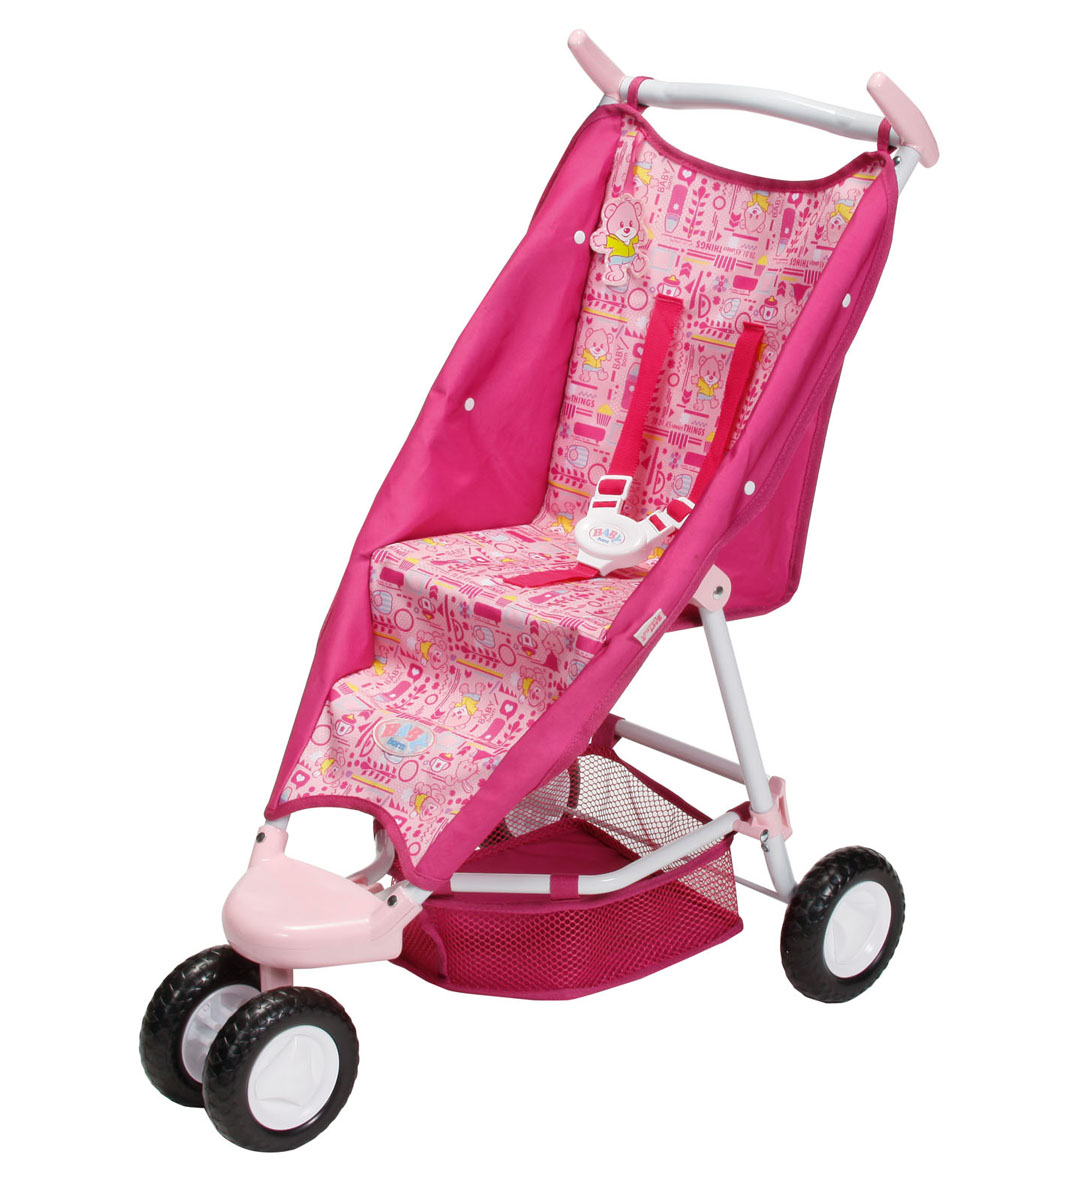 Купить Baby Born Транспорт для кукол Коляска прогулочная для куклы цвет светло-розовый малиновый, ZAPF Creation, Куклы и аксессуары